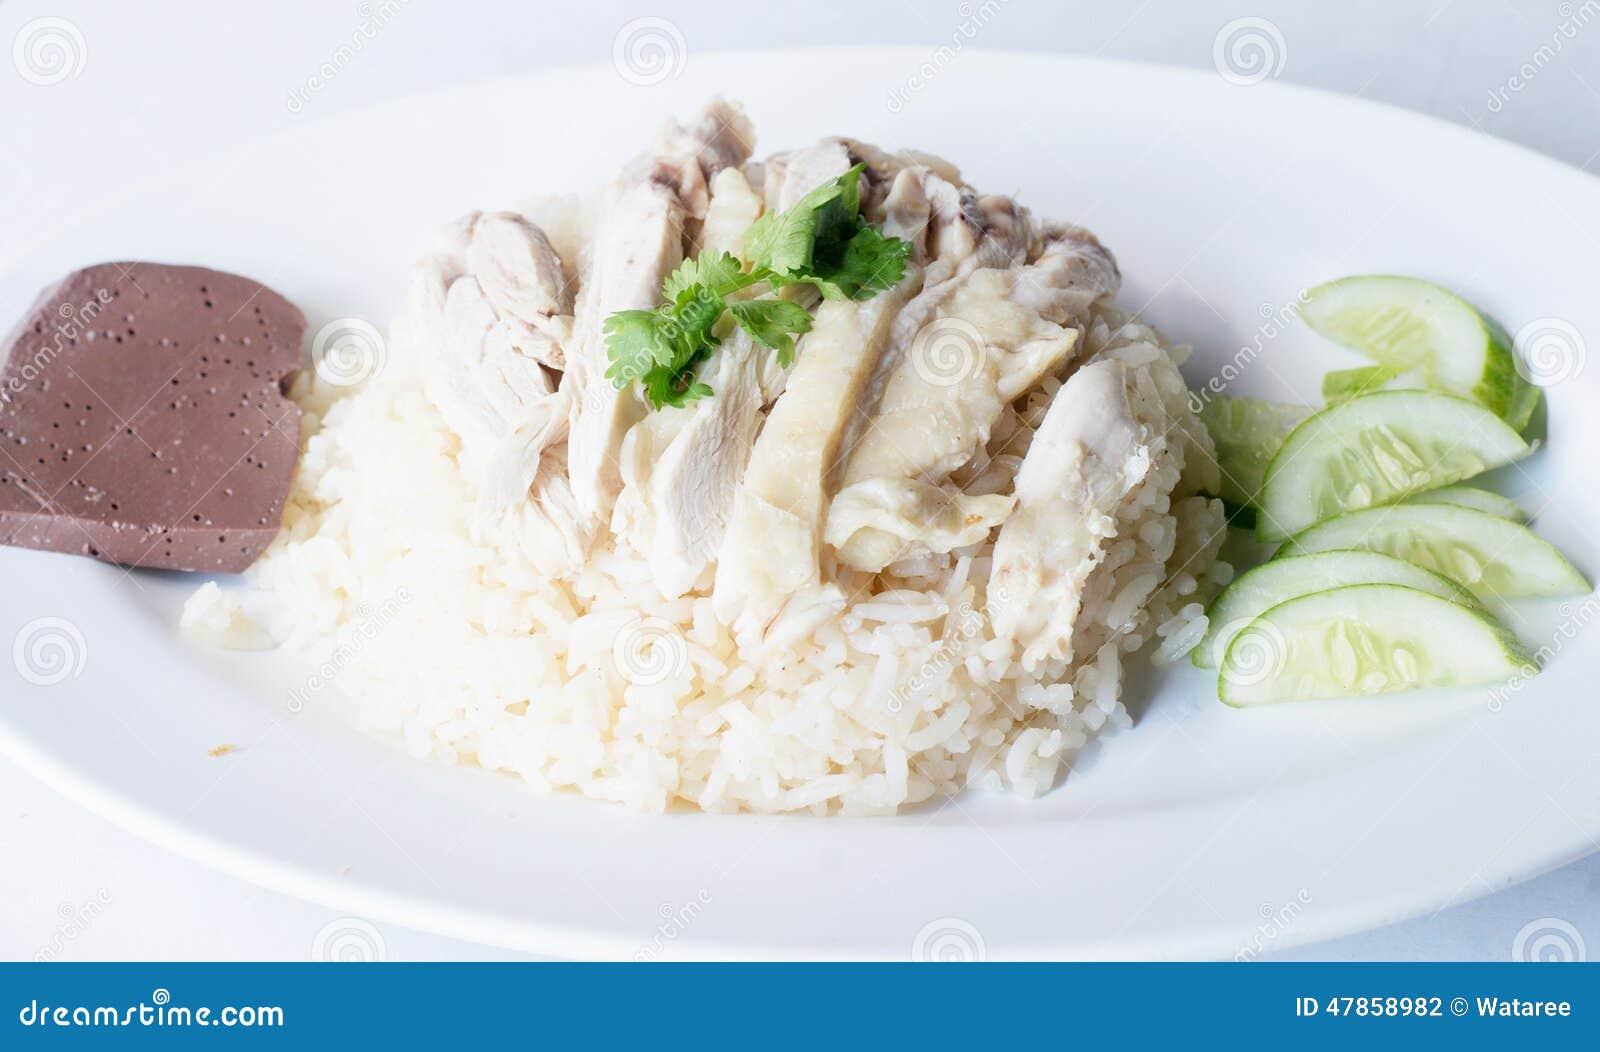 鸡蒸的米汤